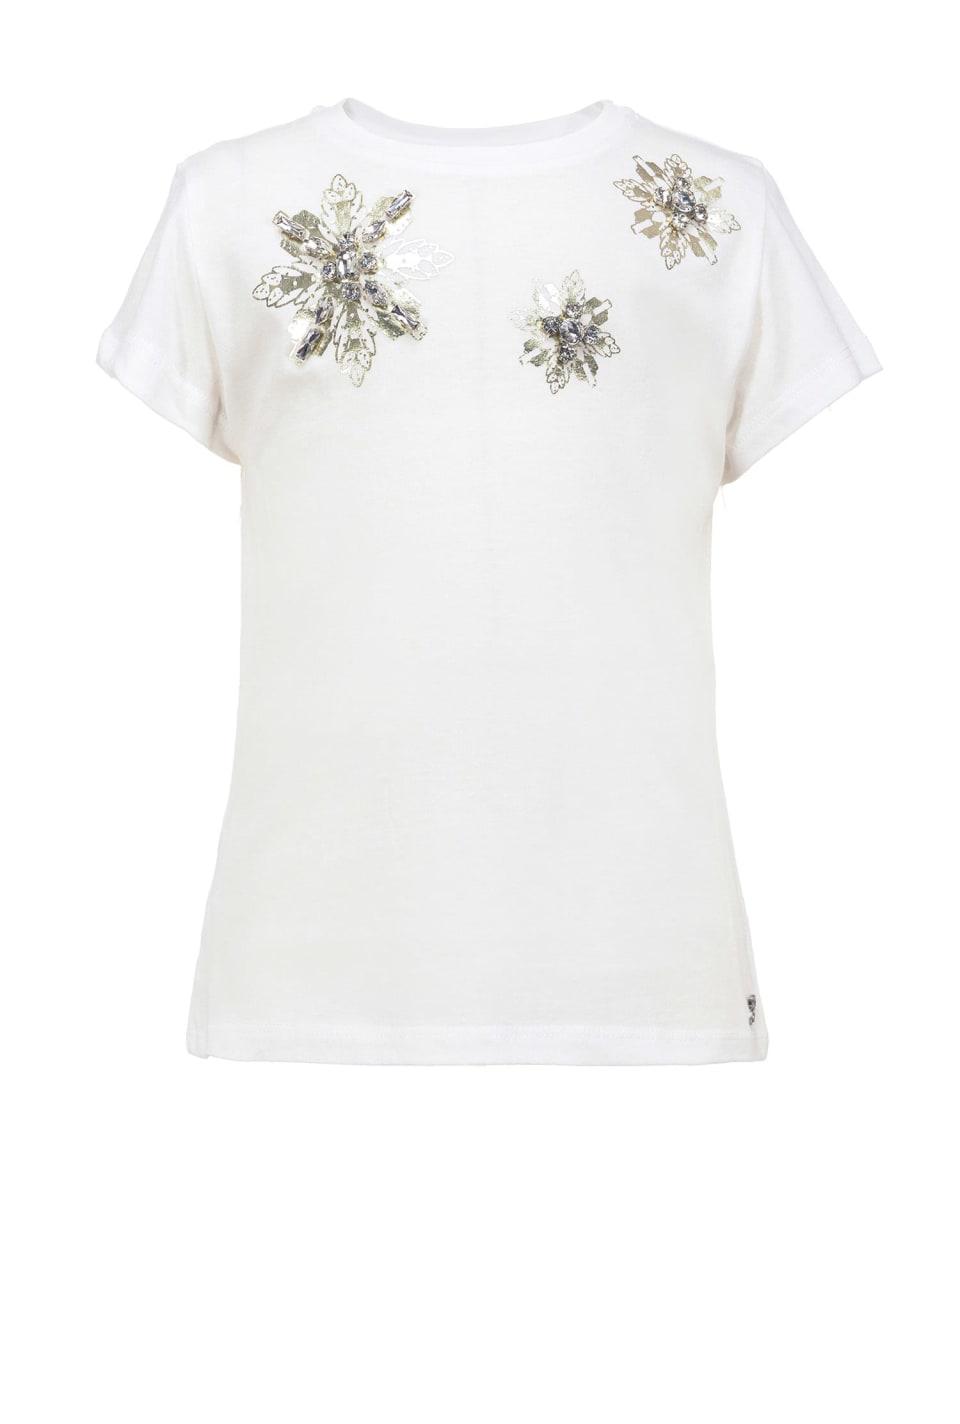 クリスタル装飾 Tシャツ